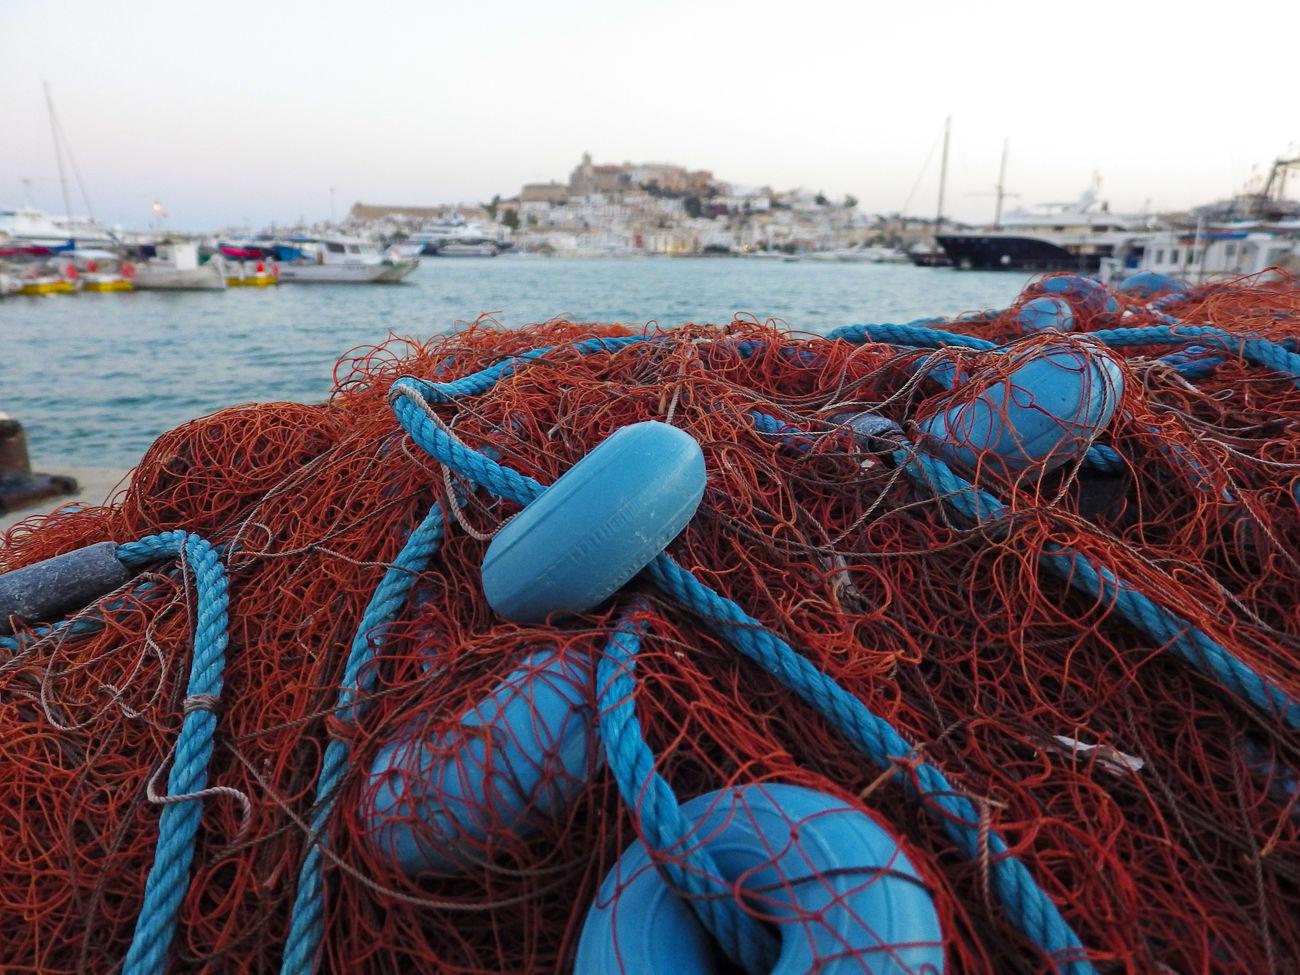 Caught in the nets Dalt Vila Landscape Nets Sea